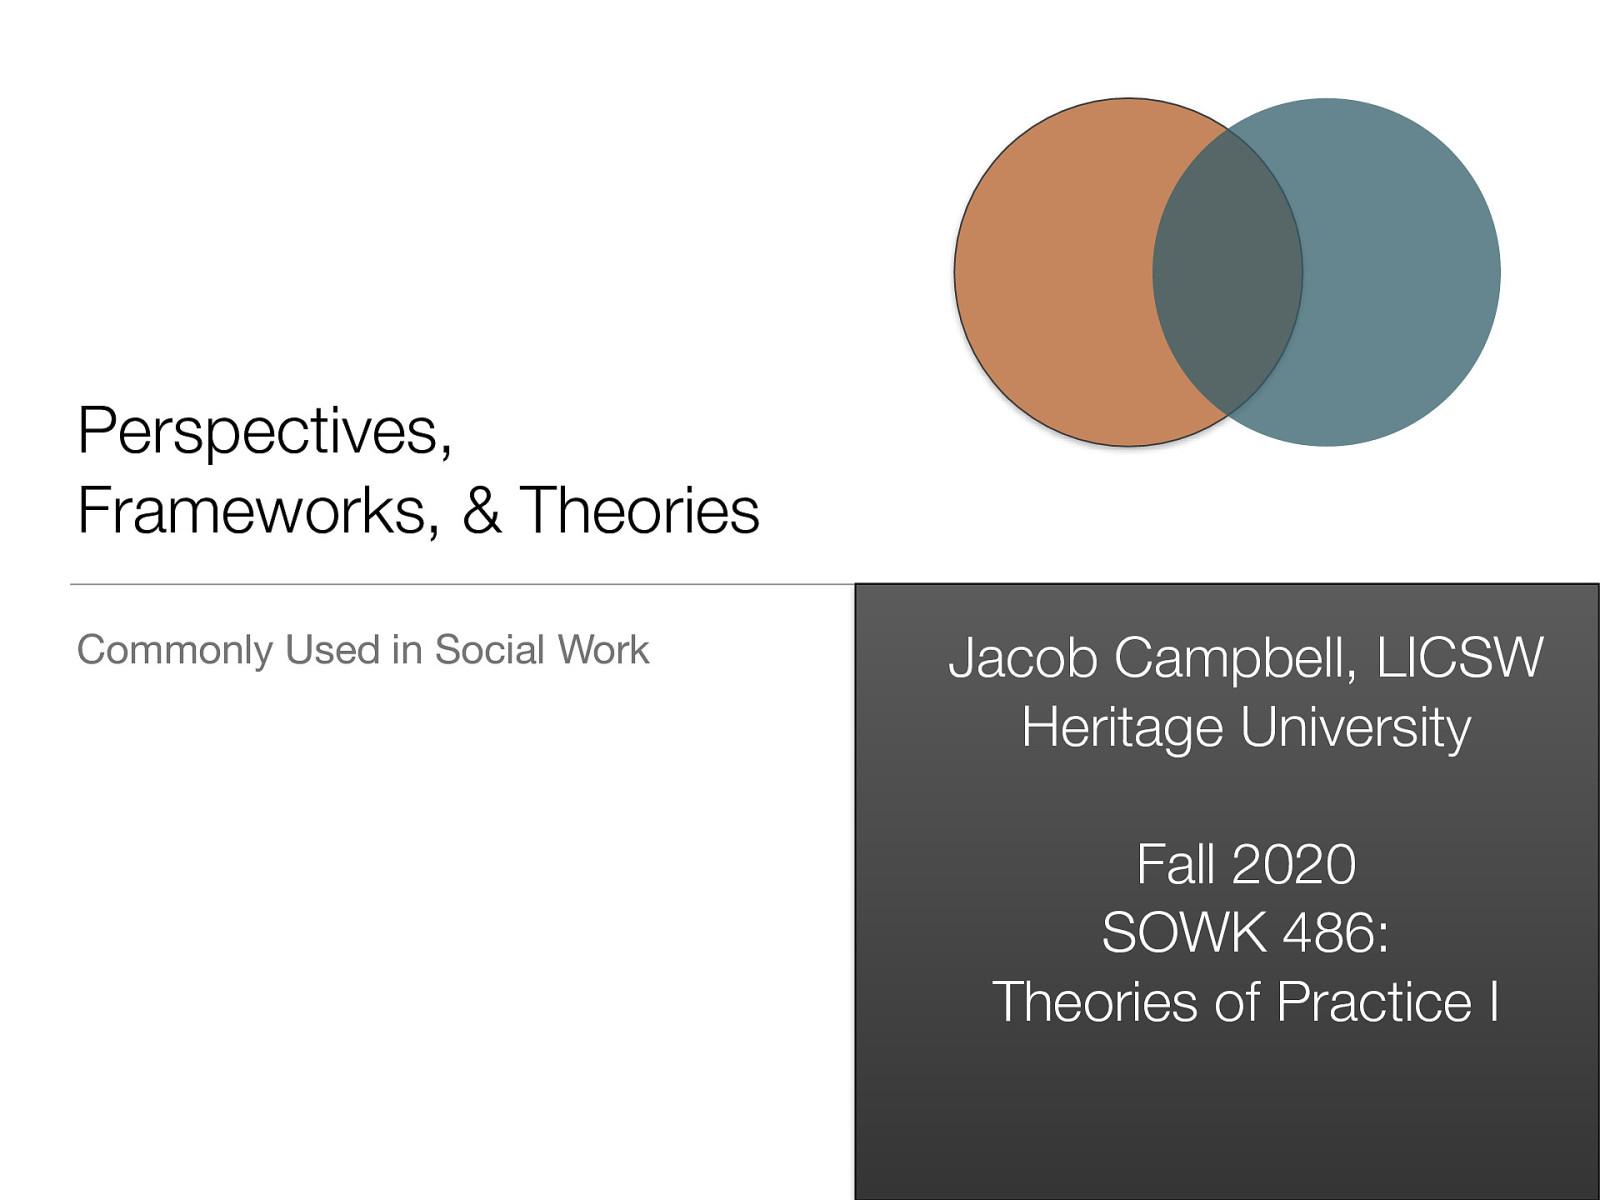 Week 02 Social Work Perspectives, Frameworks, & Theories